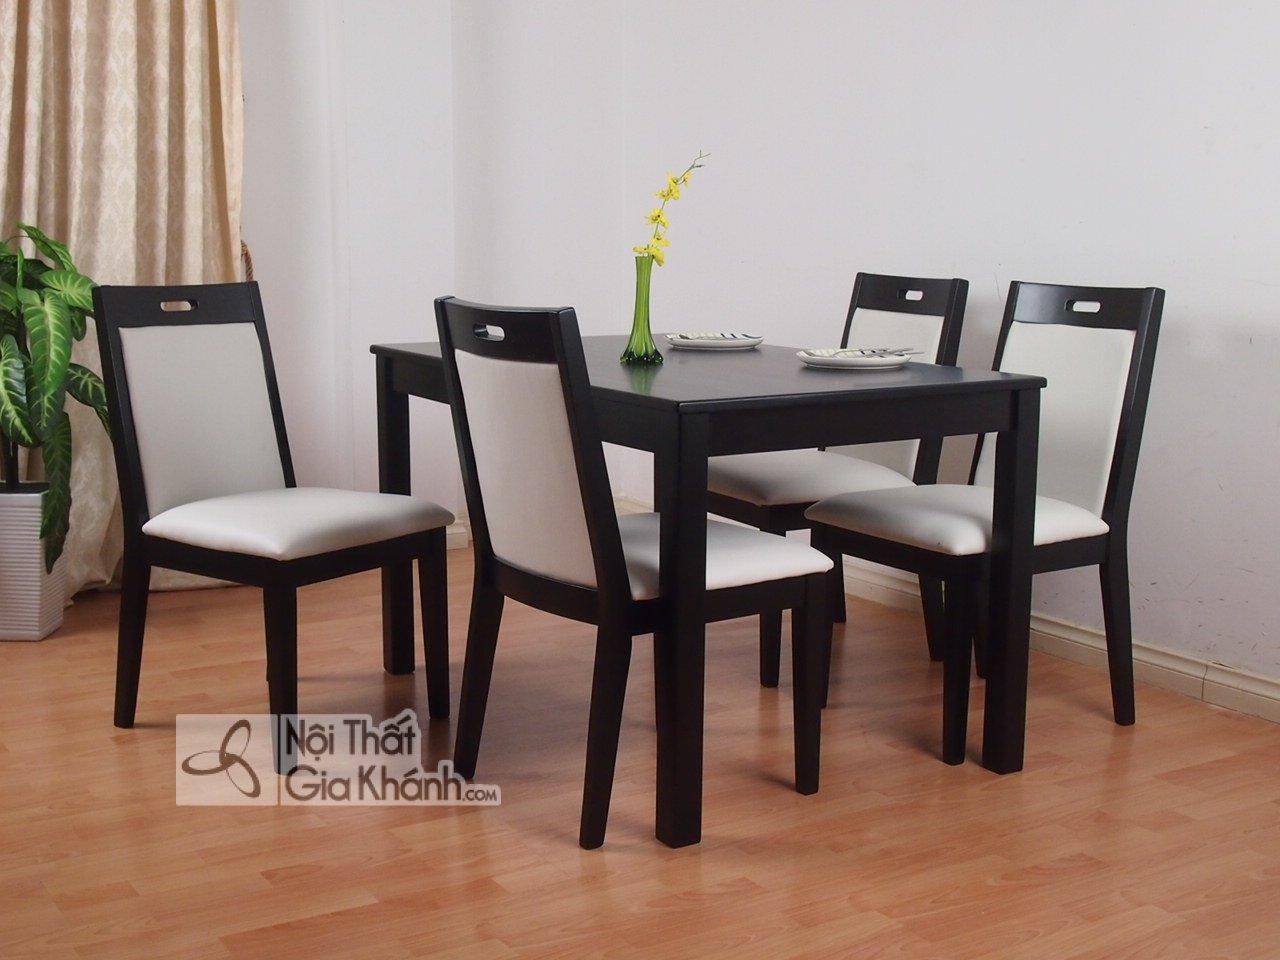 Những bộ bàn ăn 4 ghế đẹp và địa chỉ mua bàn ăn 4 người Hà Nội - bo ban an 4 ghe 2